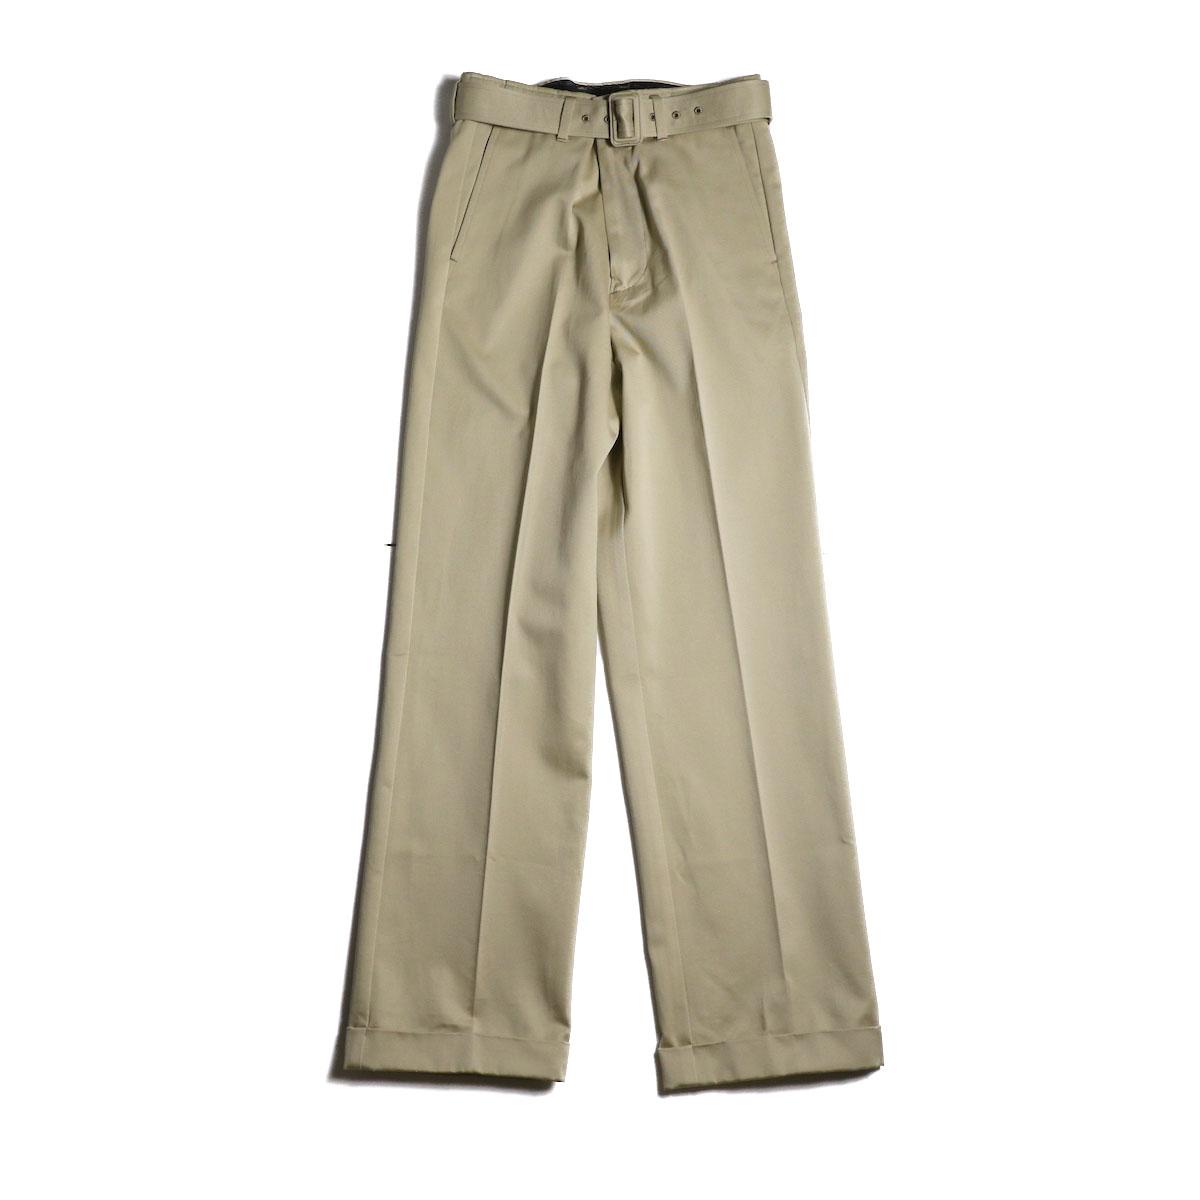 UNUSED / UW0840 Belted Pants (Beige)